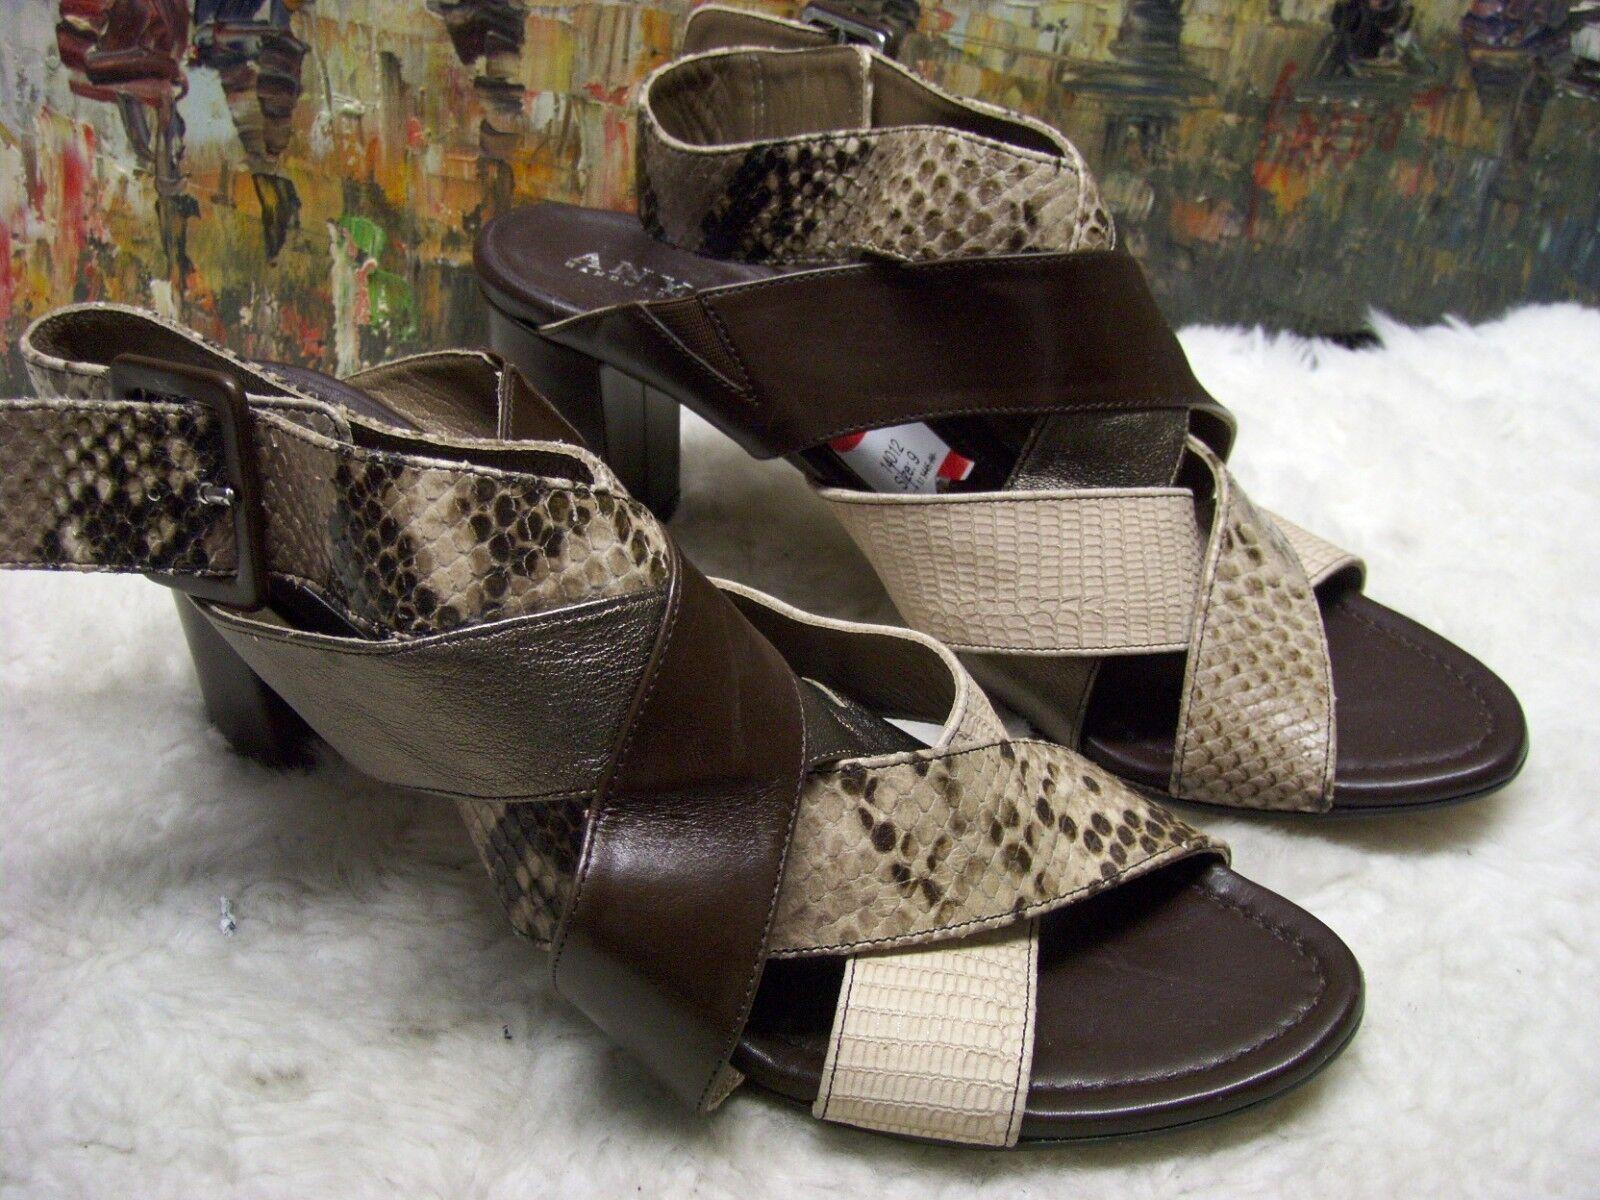 Anyi Lu 'Zara' - Sandal - Size 40.5 - 'Zara' $445 da0543